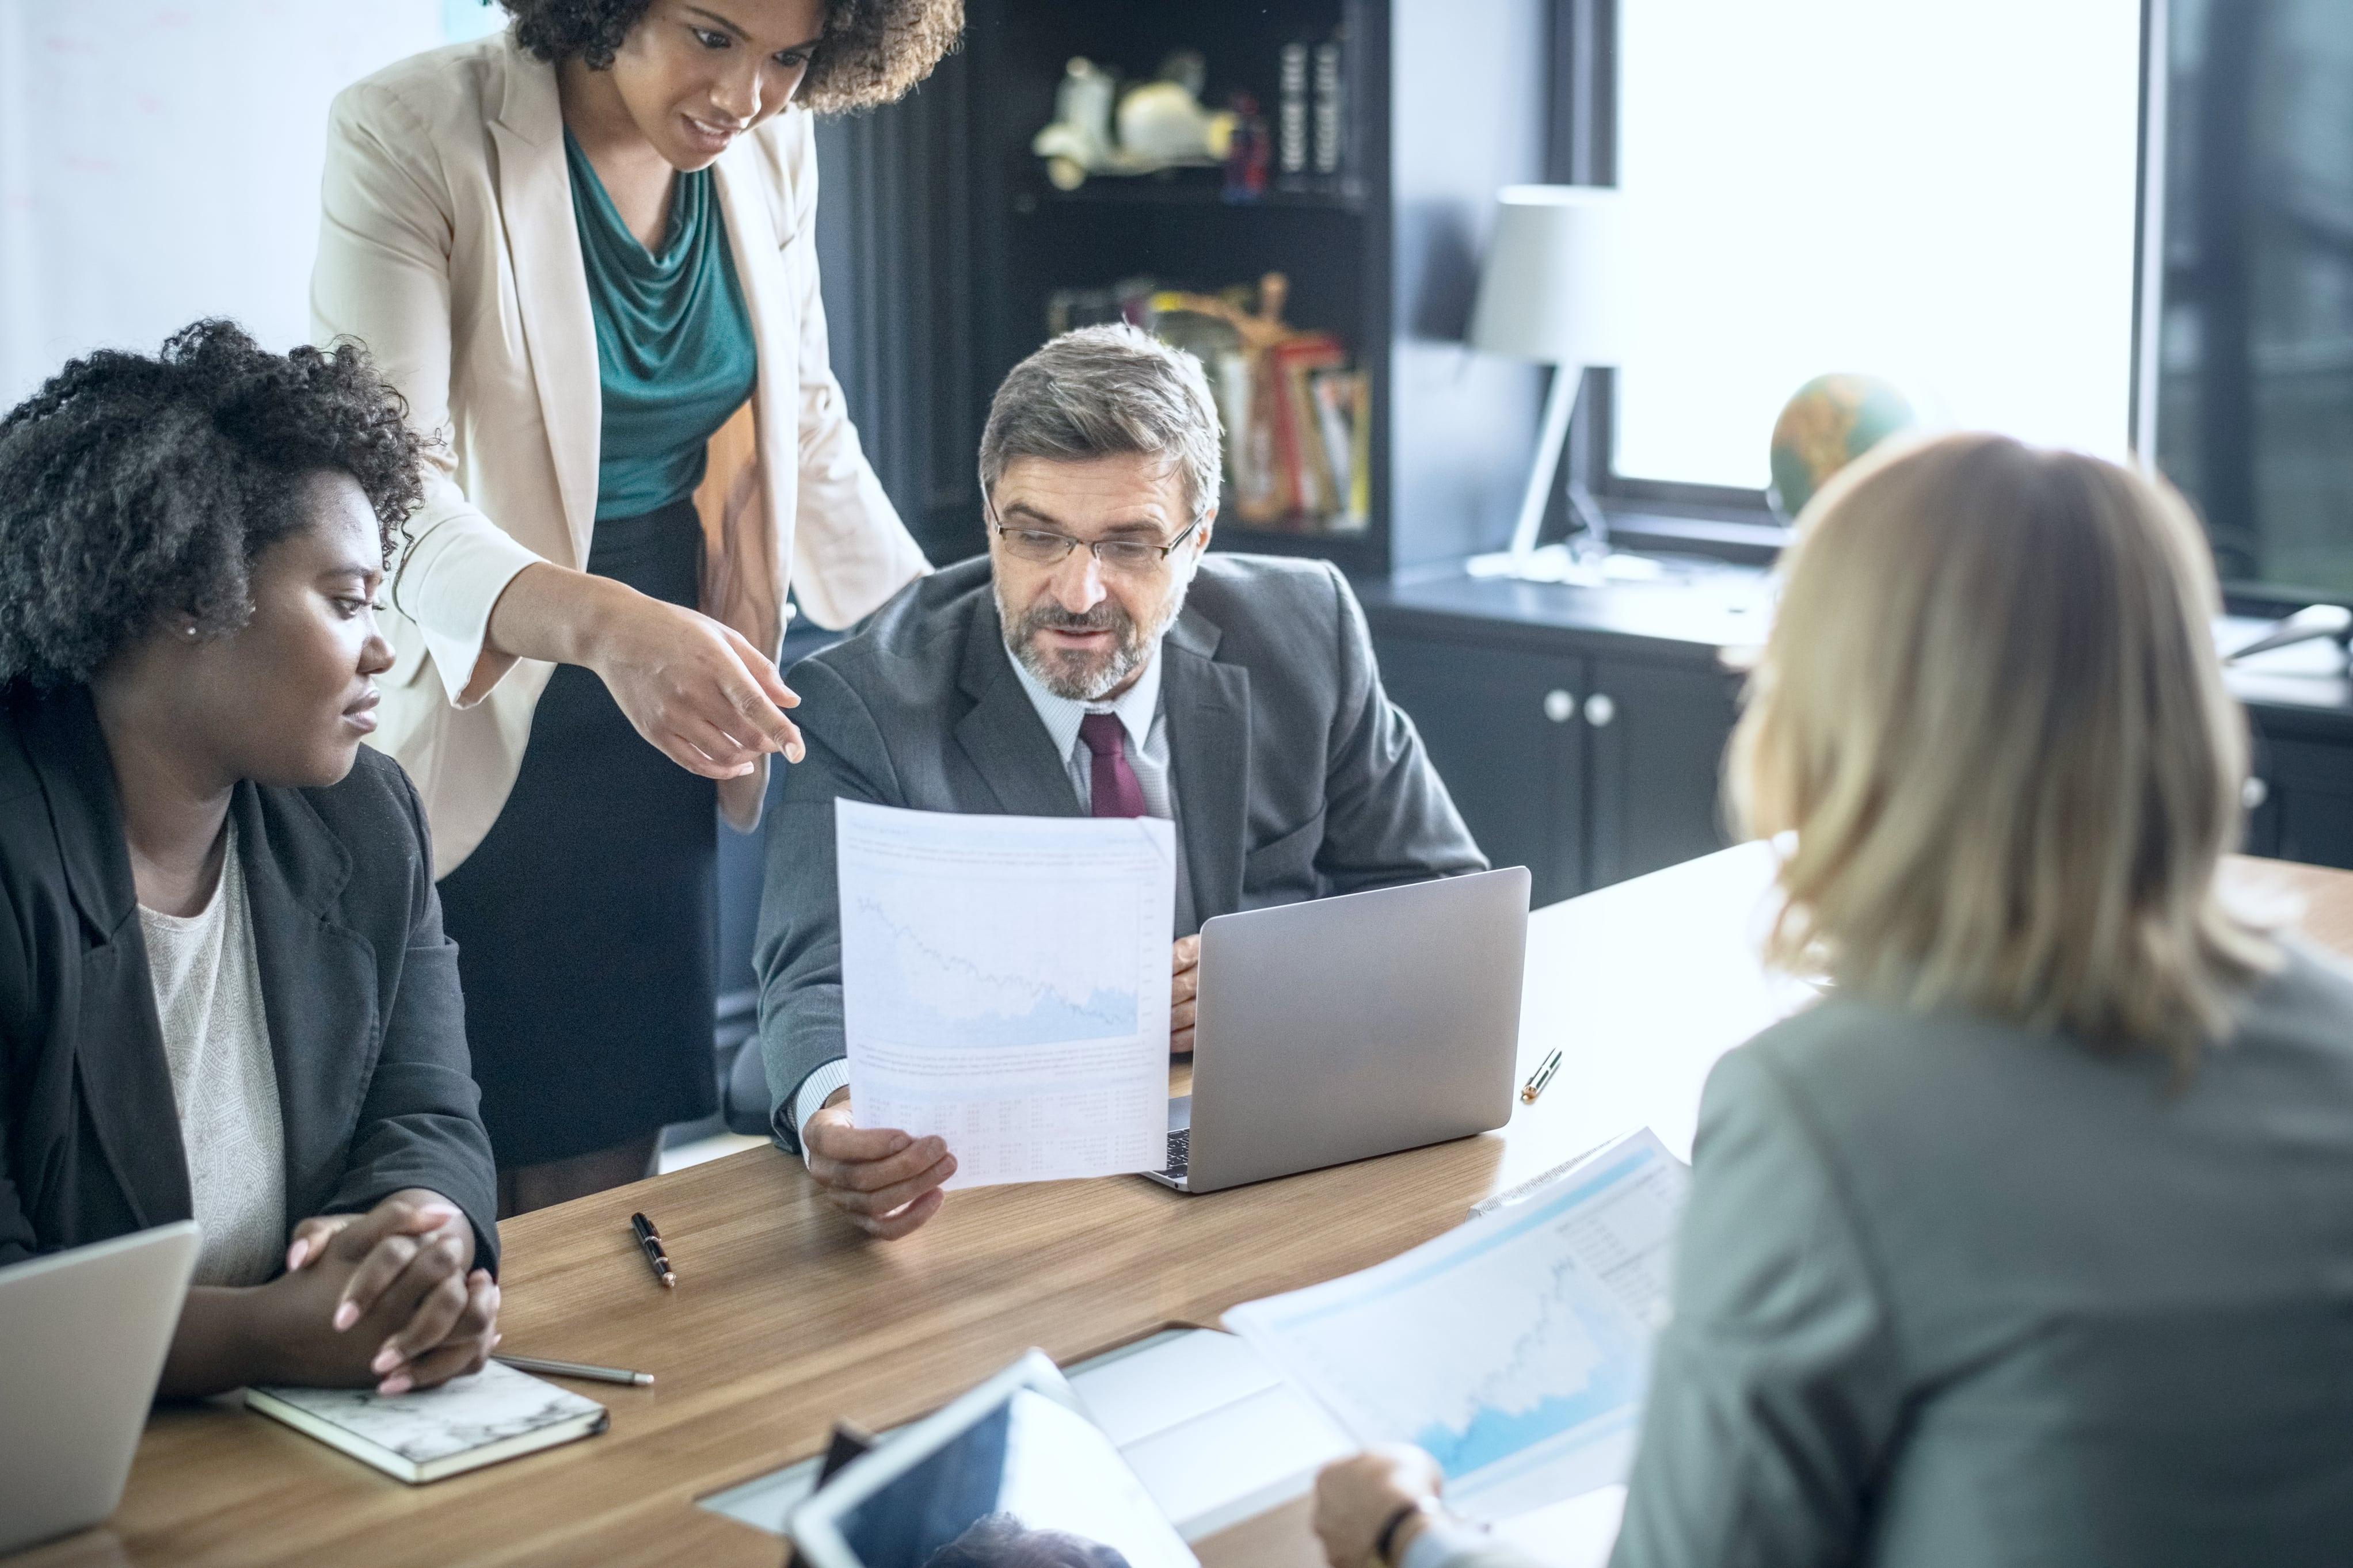 Årsbokslut – vad du som företagare bör tänka på